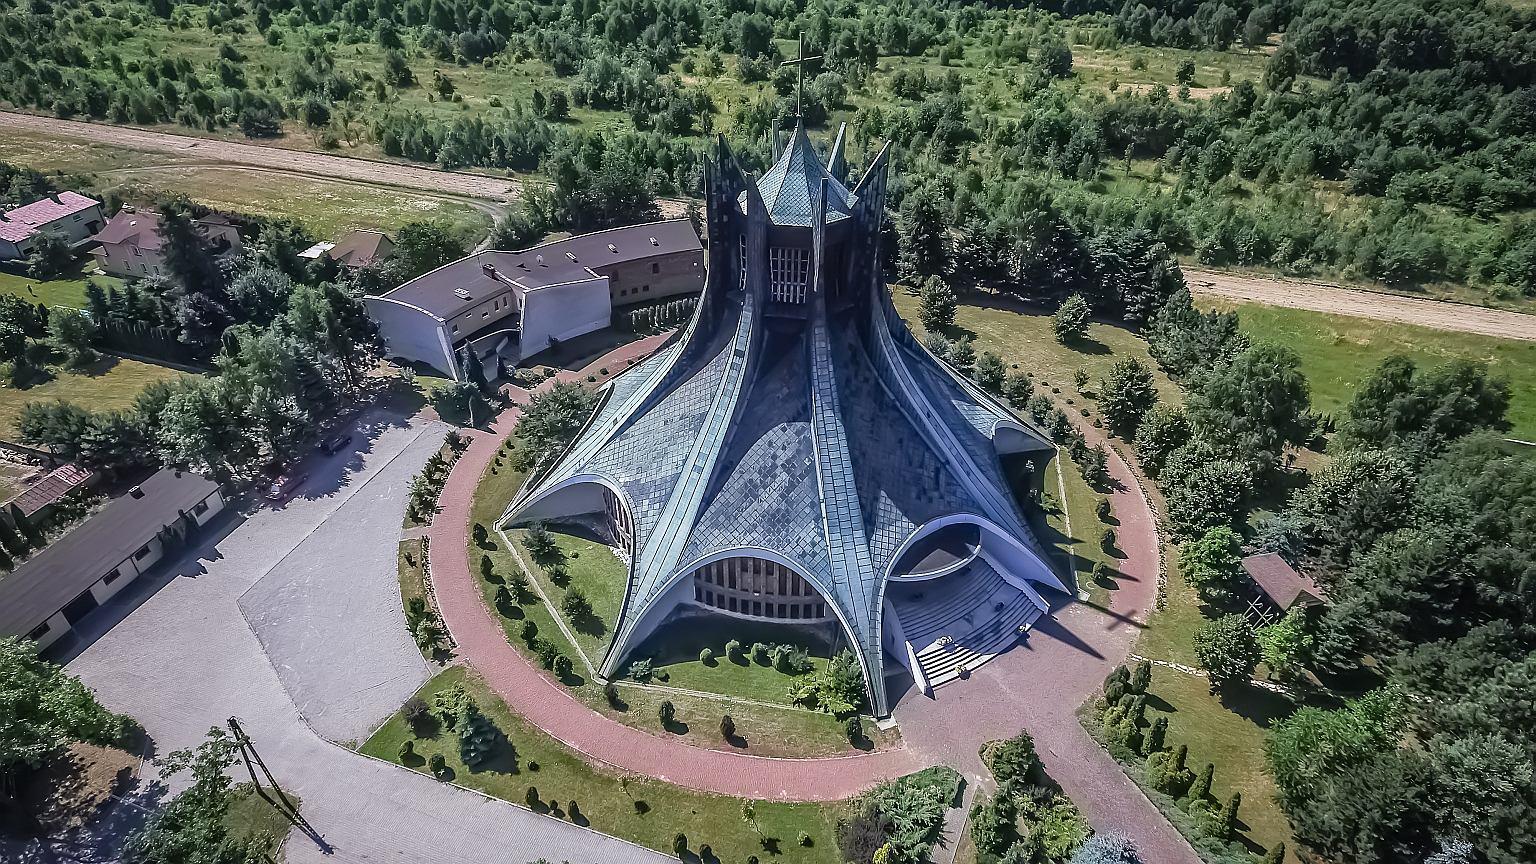 Kościół Świętego Brata Alberta Chmielowskiego w Częstochowie